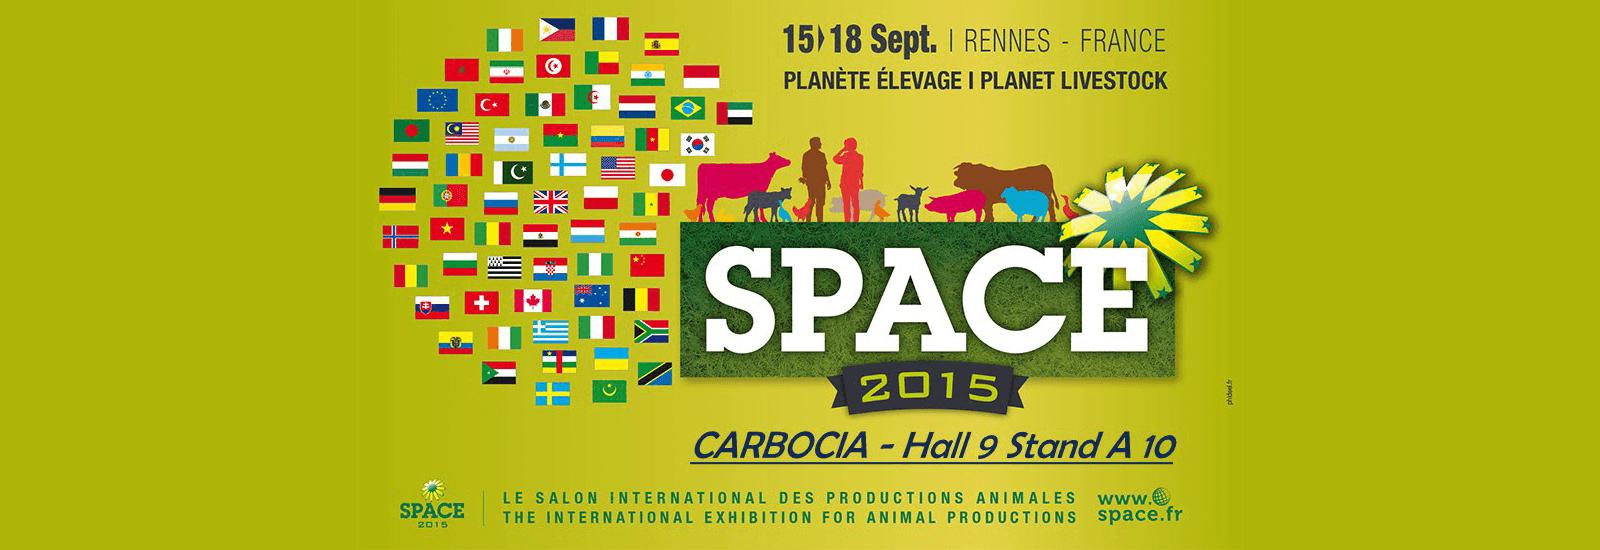 Stand au SPACE de Rennes